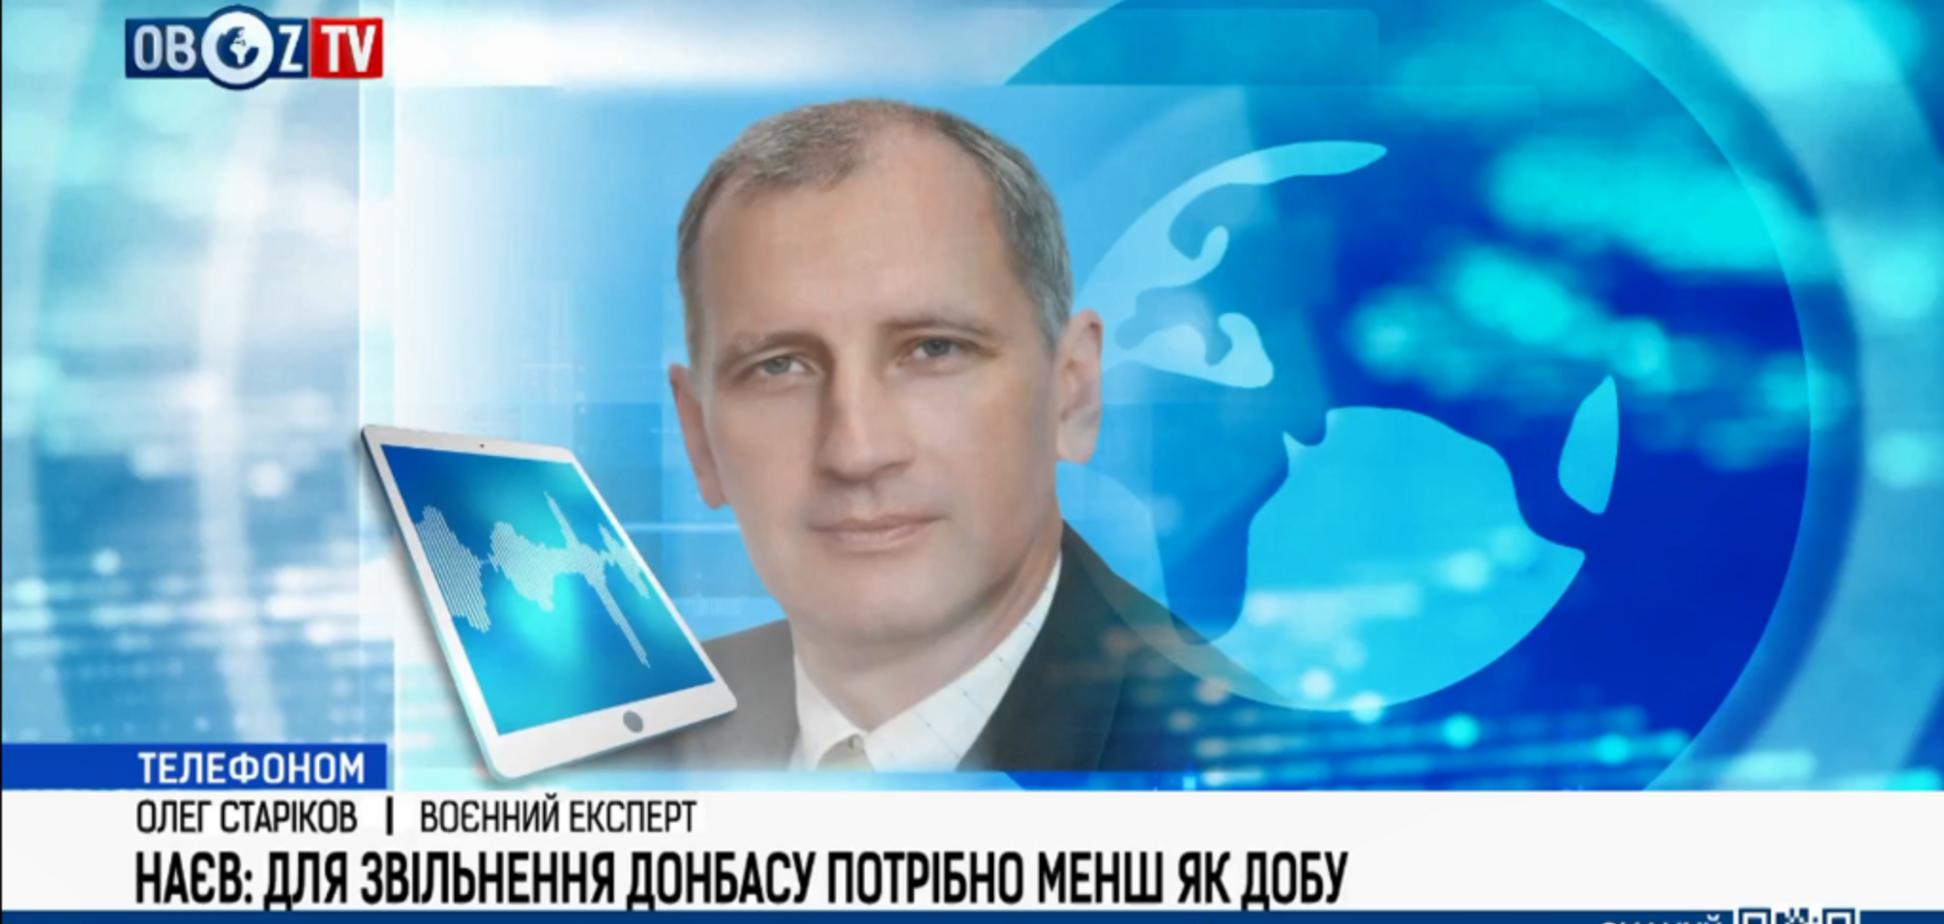 'Вернуть Донбасс за сутки': украинцам озвучили смертельные угрозы 'плана Наева'